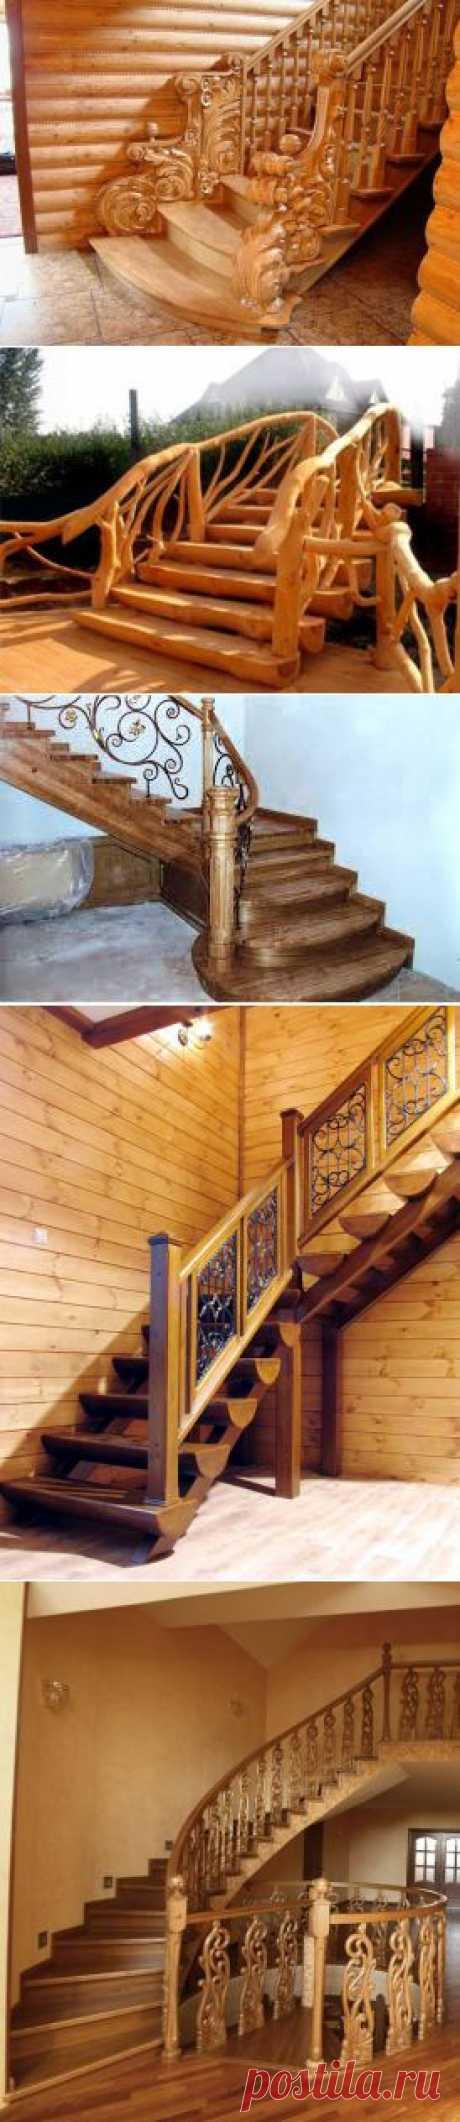 Красивые деревянные лестницы.   ВСЁ ДЛЯ ДОМА